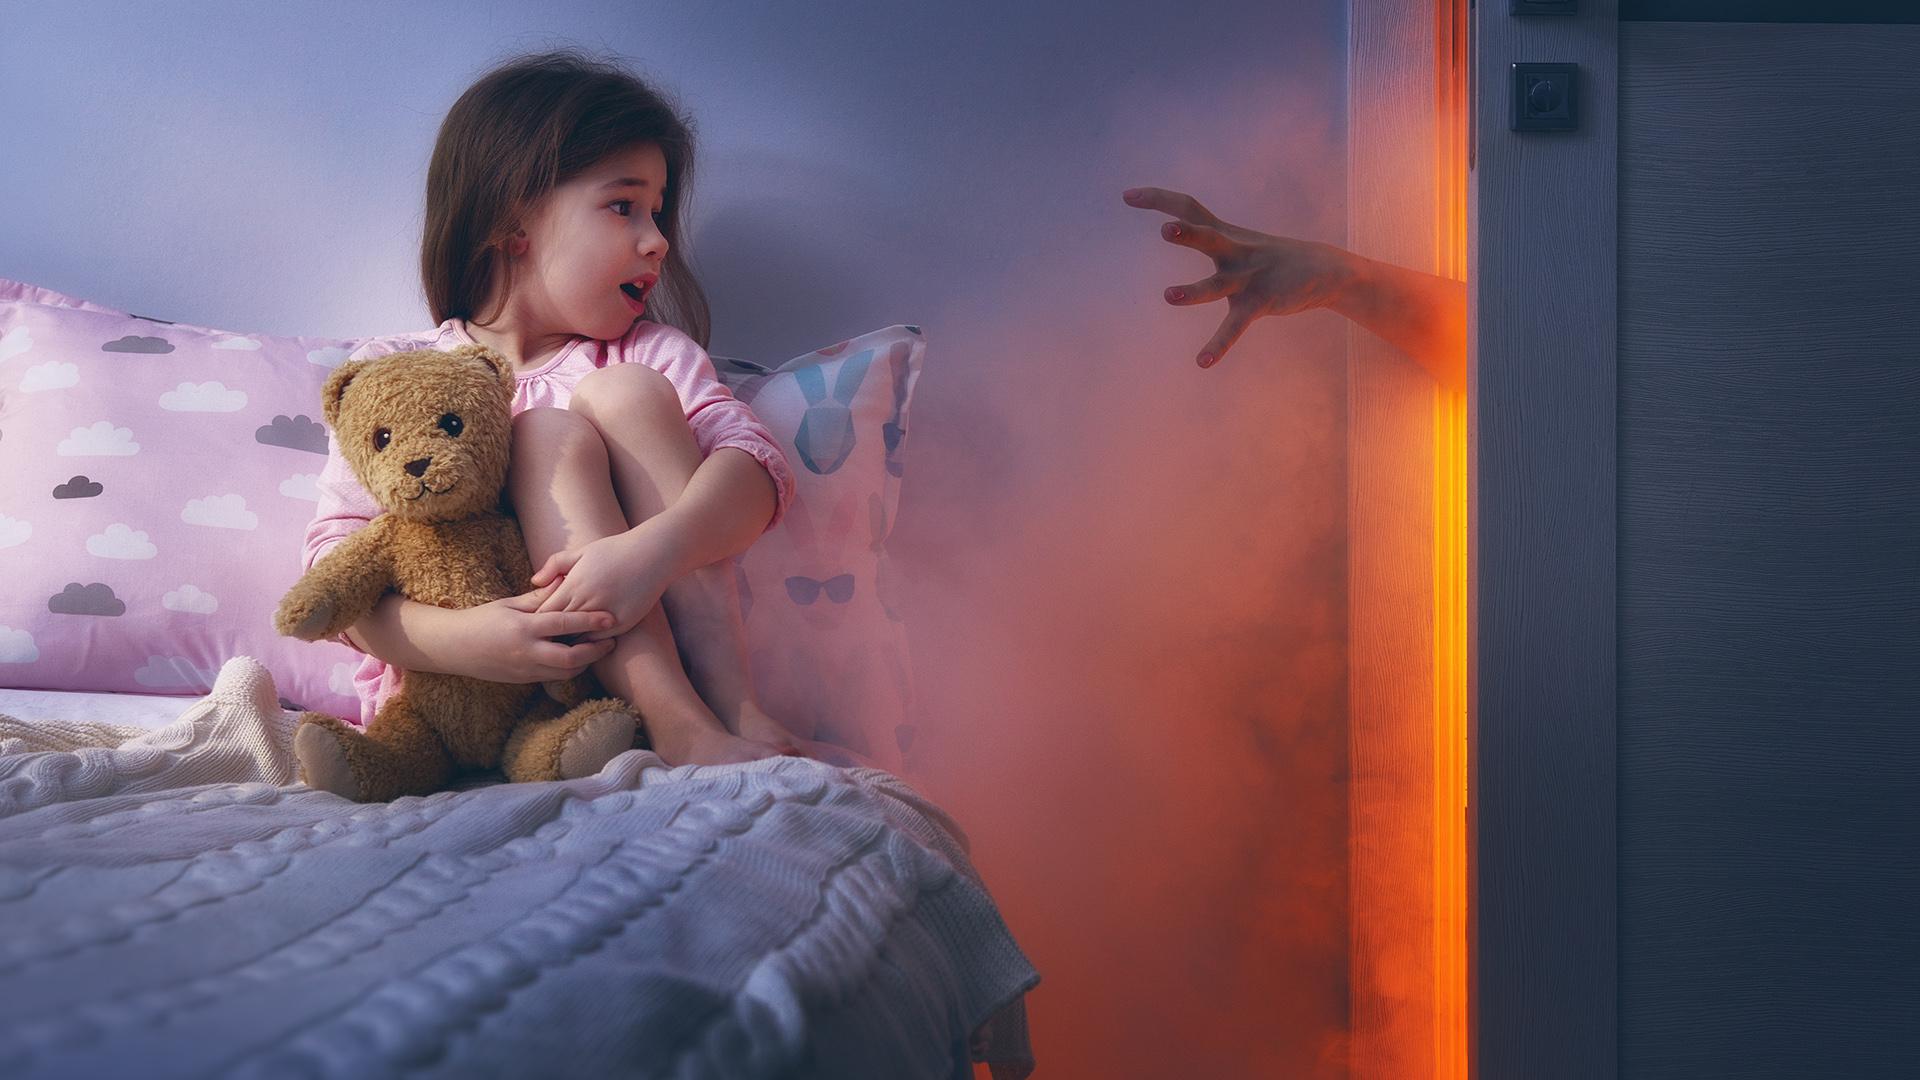 energia fantáziavilág gyerek játék kitör a frász lélekgyógyász lelkek másvilág melitta szellemek szellemlények ványik dóra varázslatok